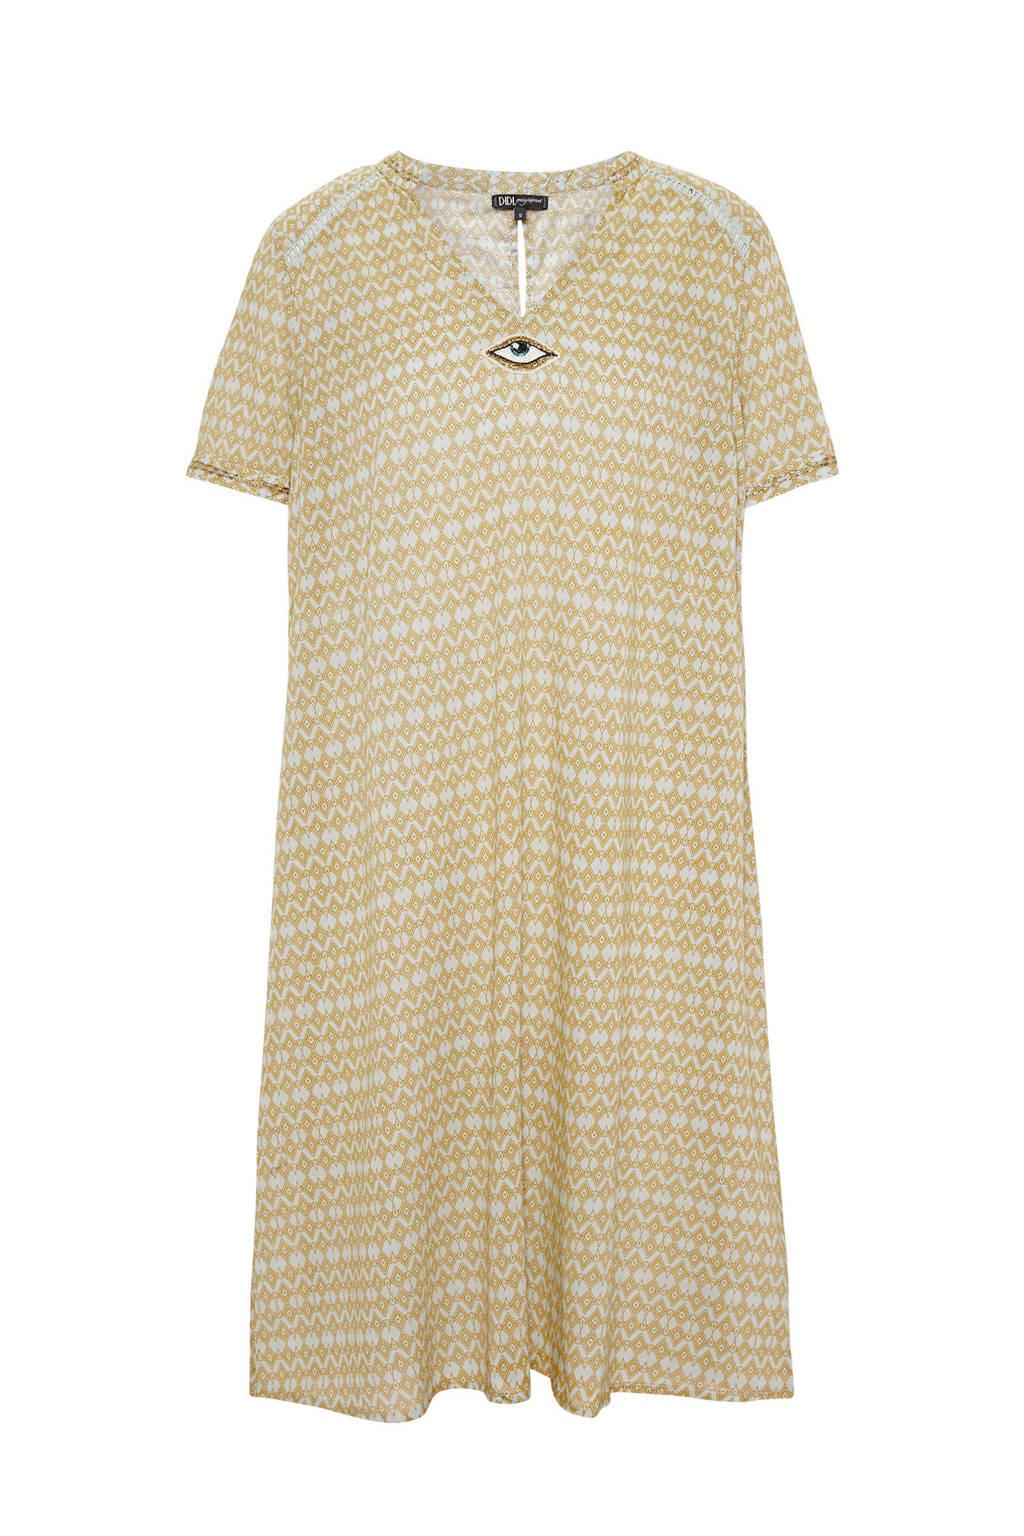 Didi jurk met allover print, Geel